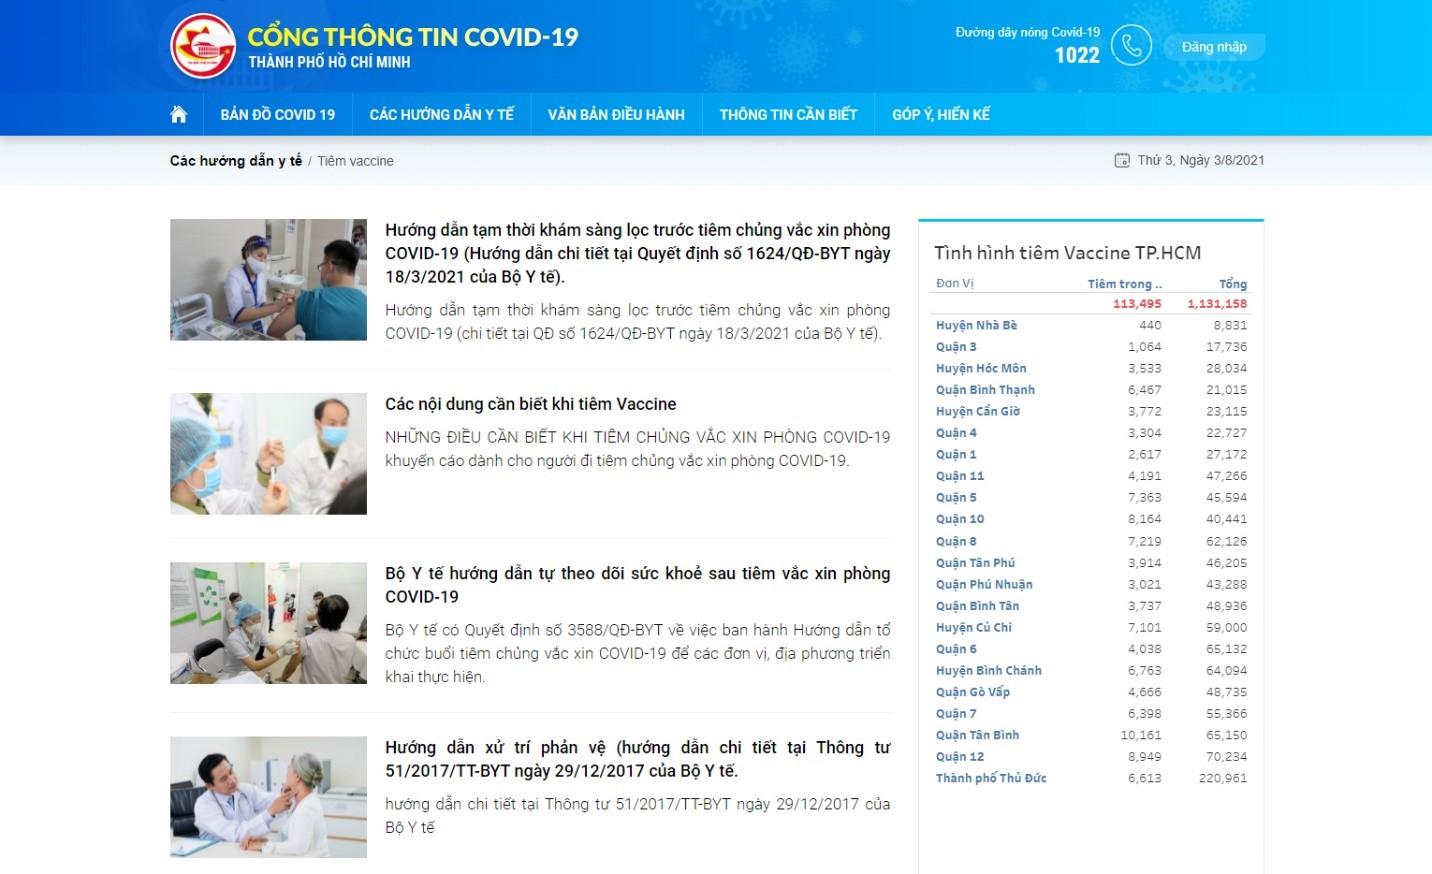 Cổng thông tin COVID-19 tích hợp nhiều nội dung liên quan phòng chống dịch bệnh